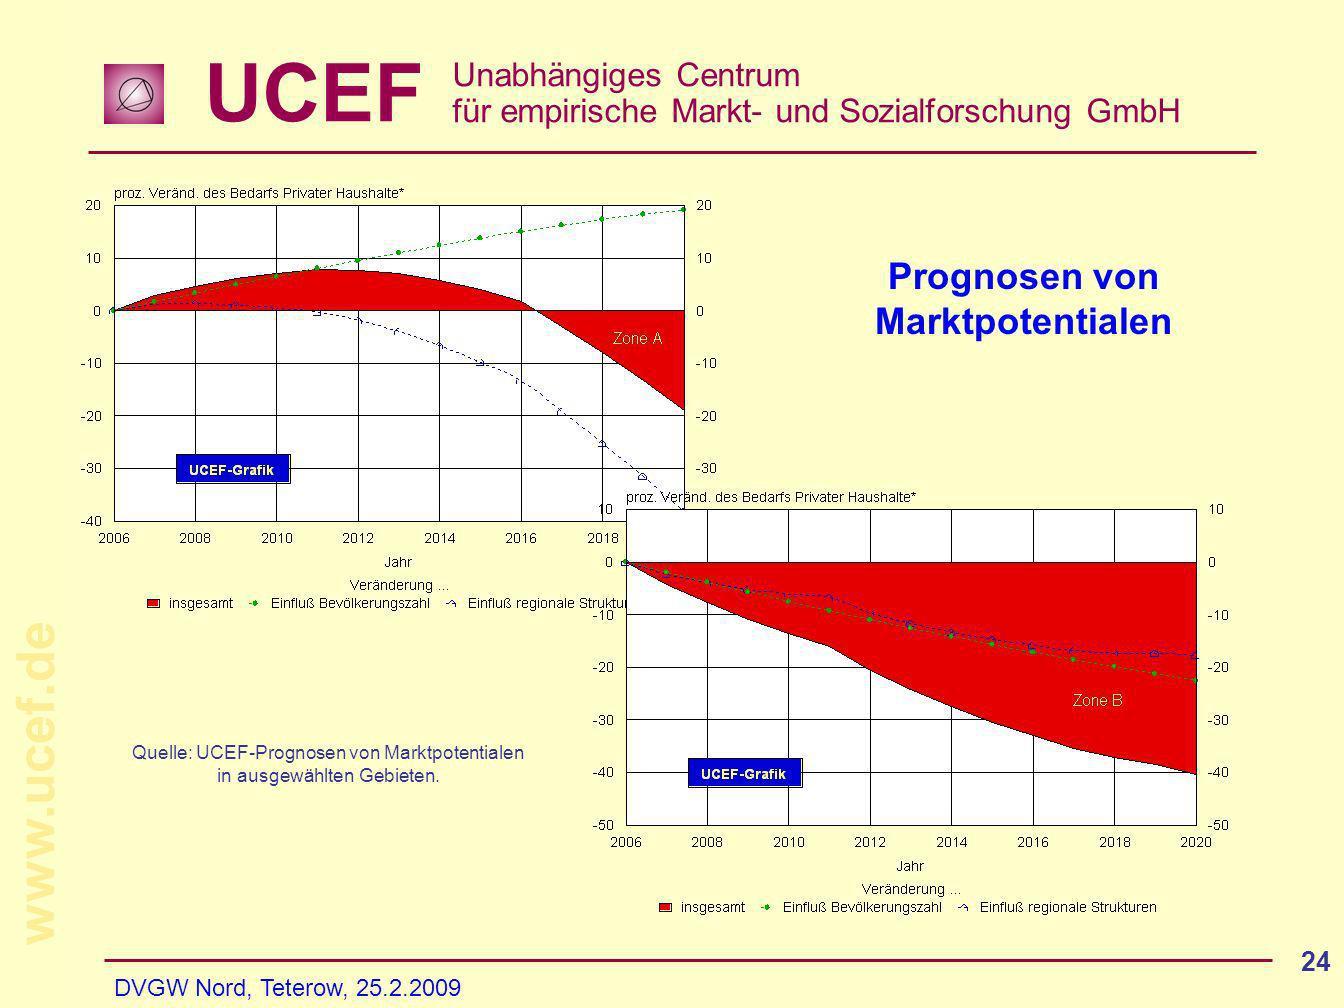 UCEF Unabhängiges Centrum für empirische Markt- und Sozialforschung GmbH www.ucef.de DVGW Nord, Teterow, 25.2.2009 24 Prognosen von Marktpotentialen Quelle: UCEF-Prognosen von Marktpotentialen in ausgewählten Gebieten.